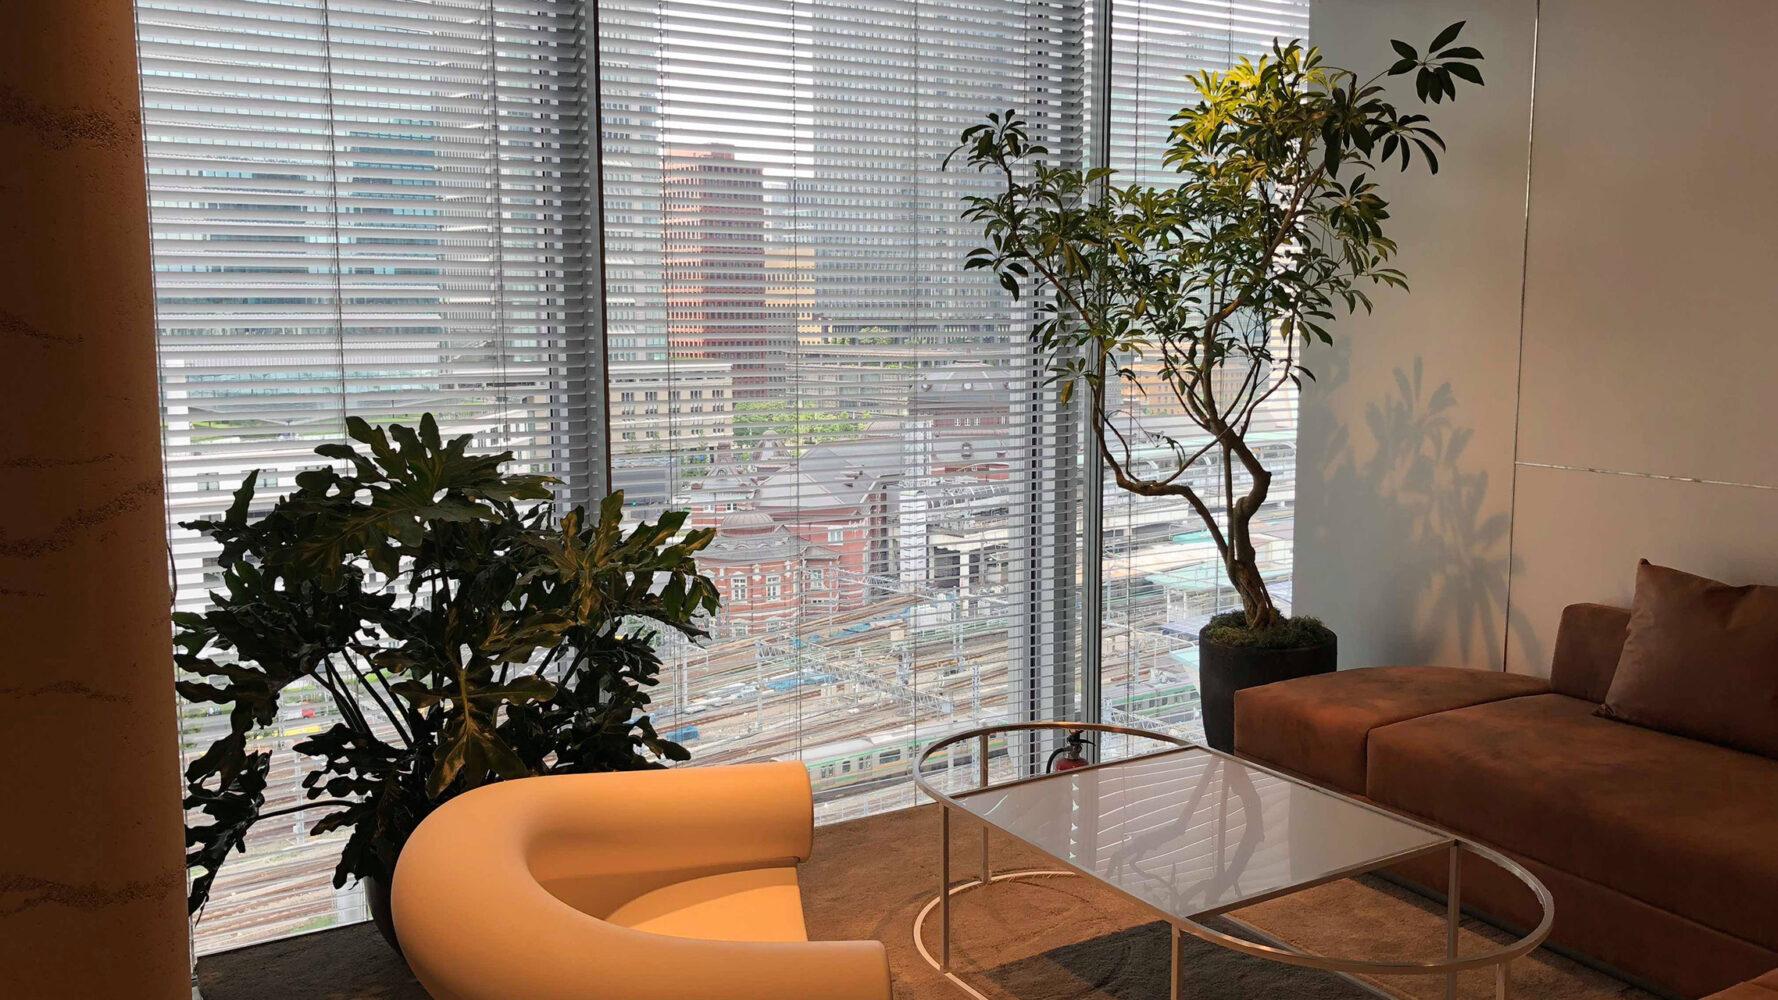 OFFICE.M 事例画像3